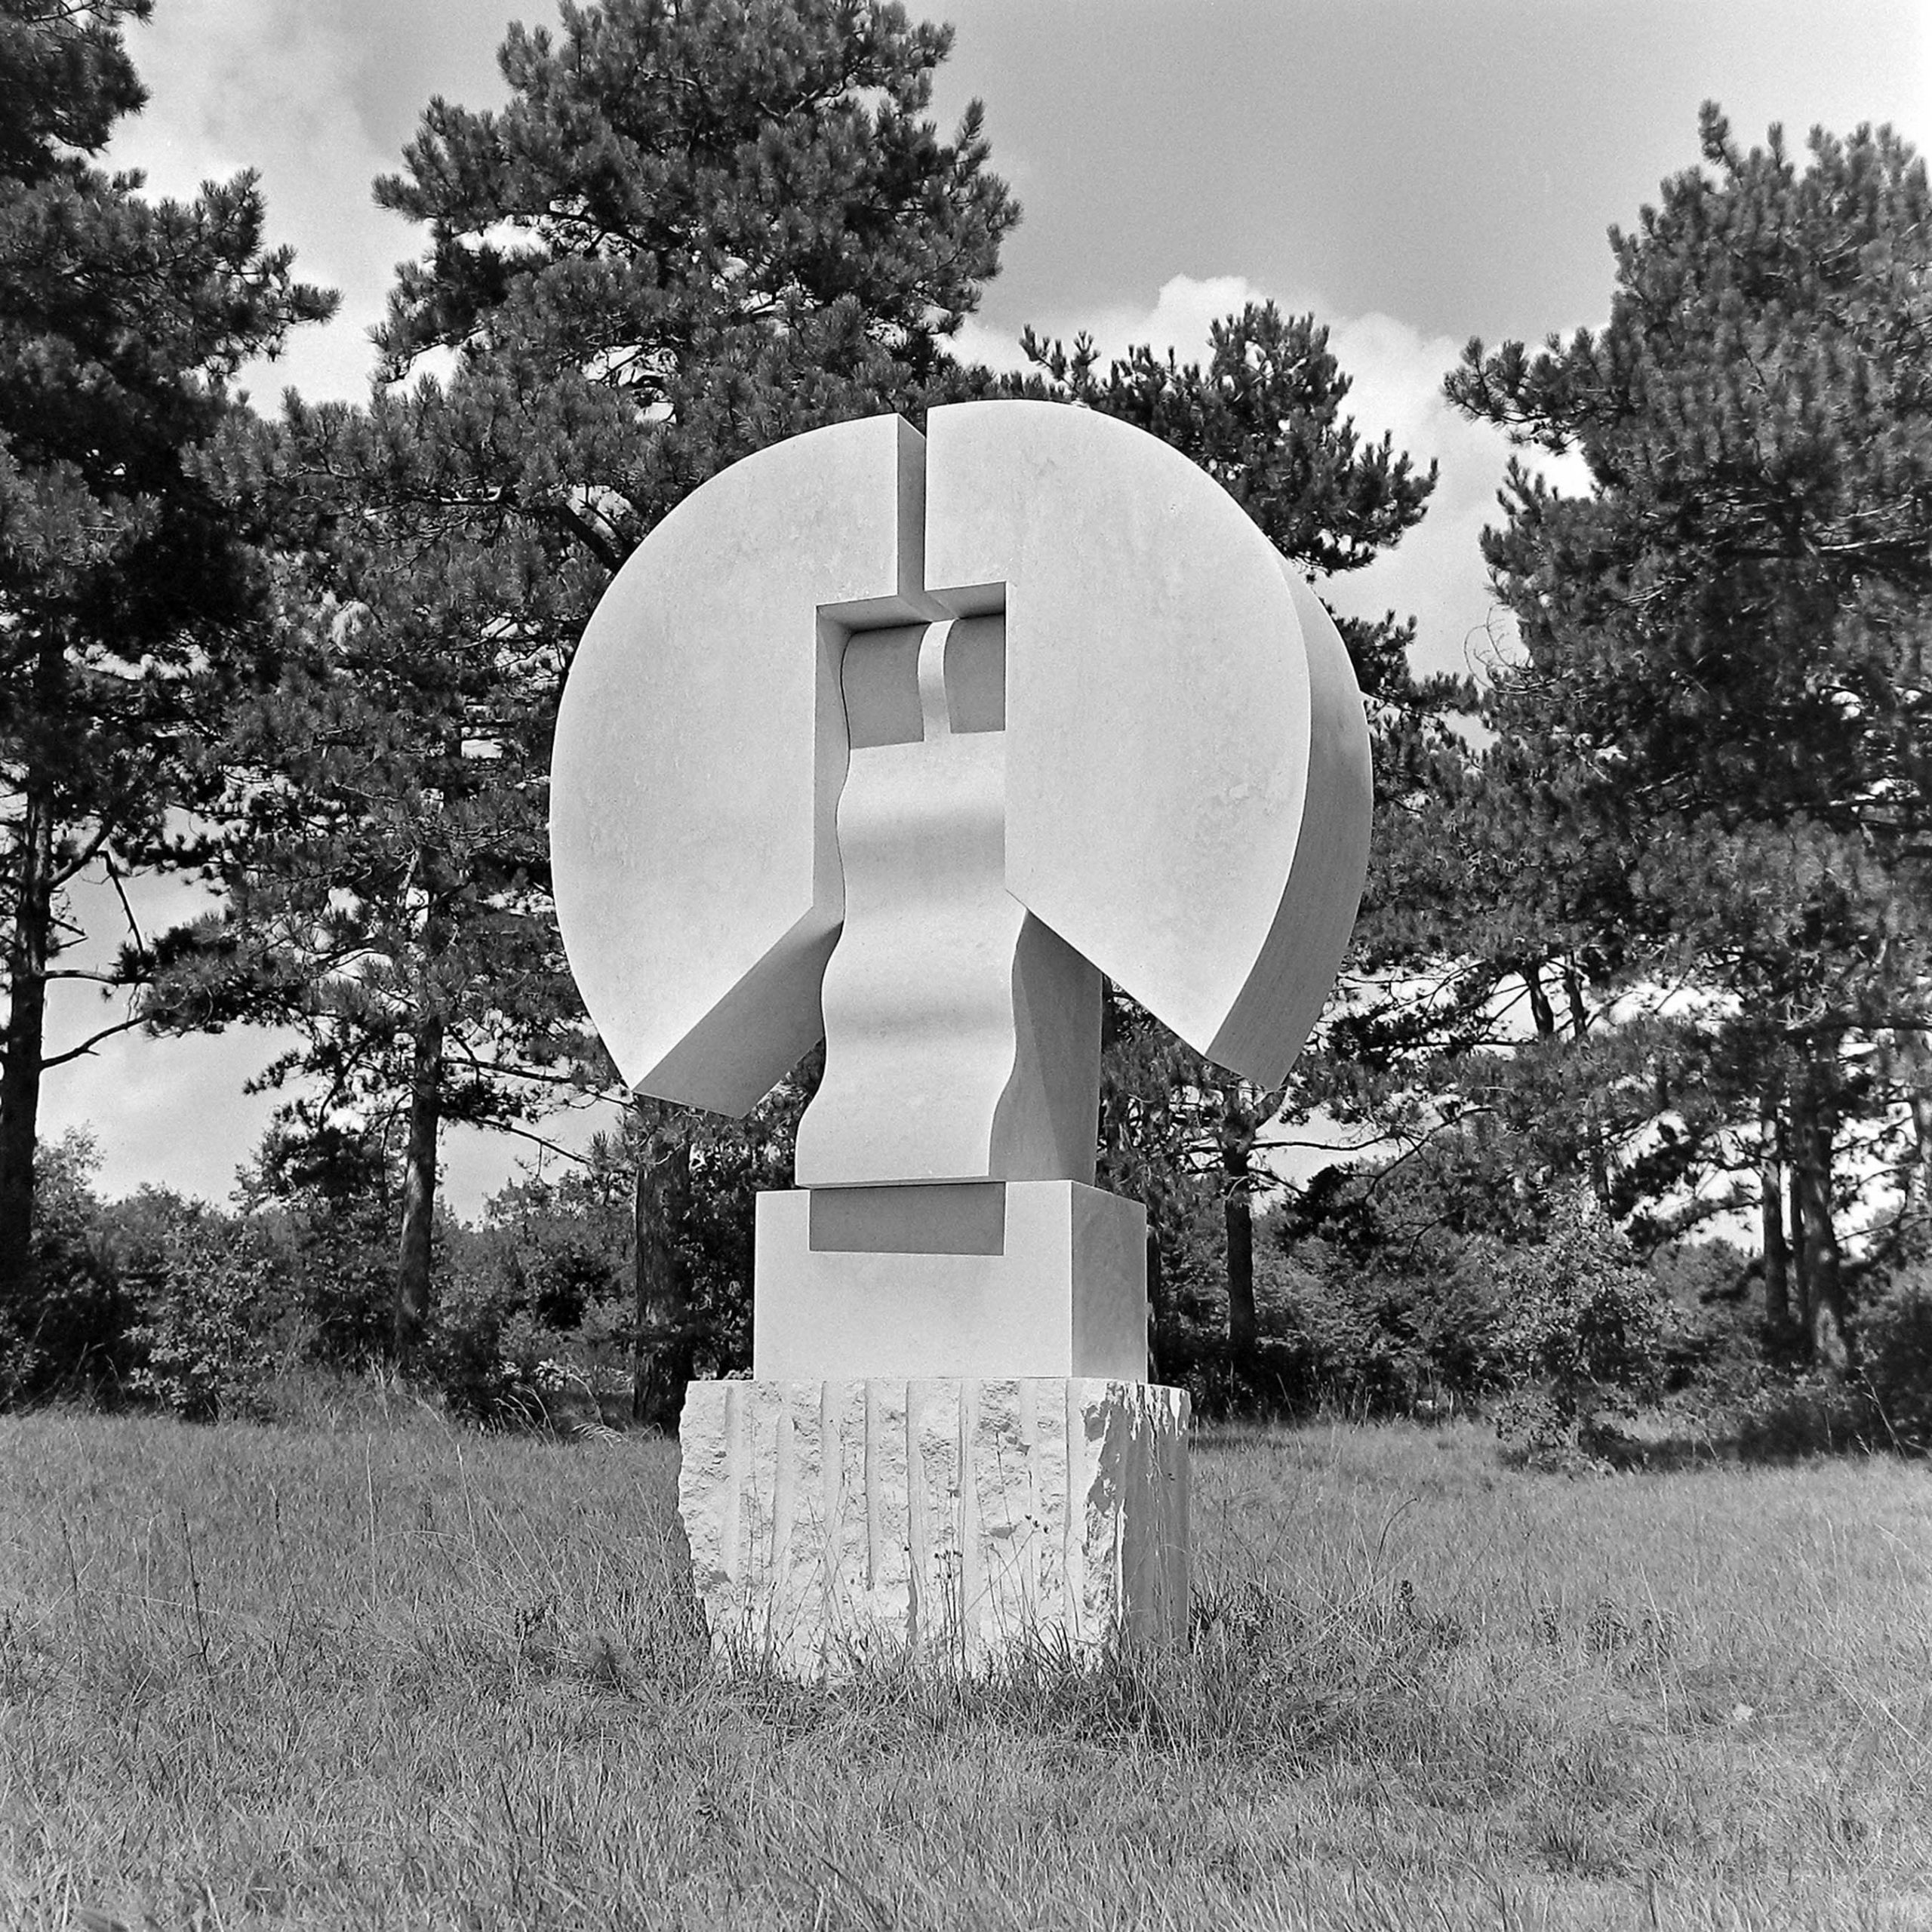 Oto Logo, Totem, 1974